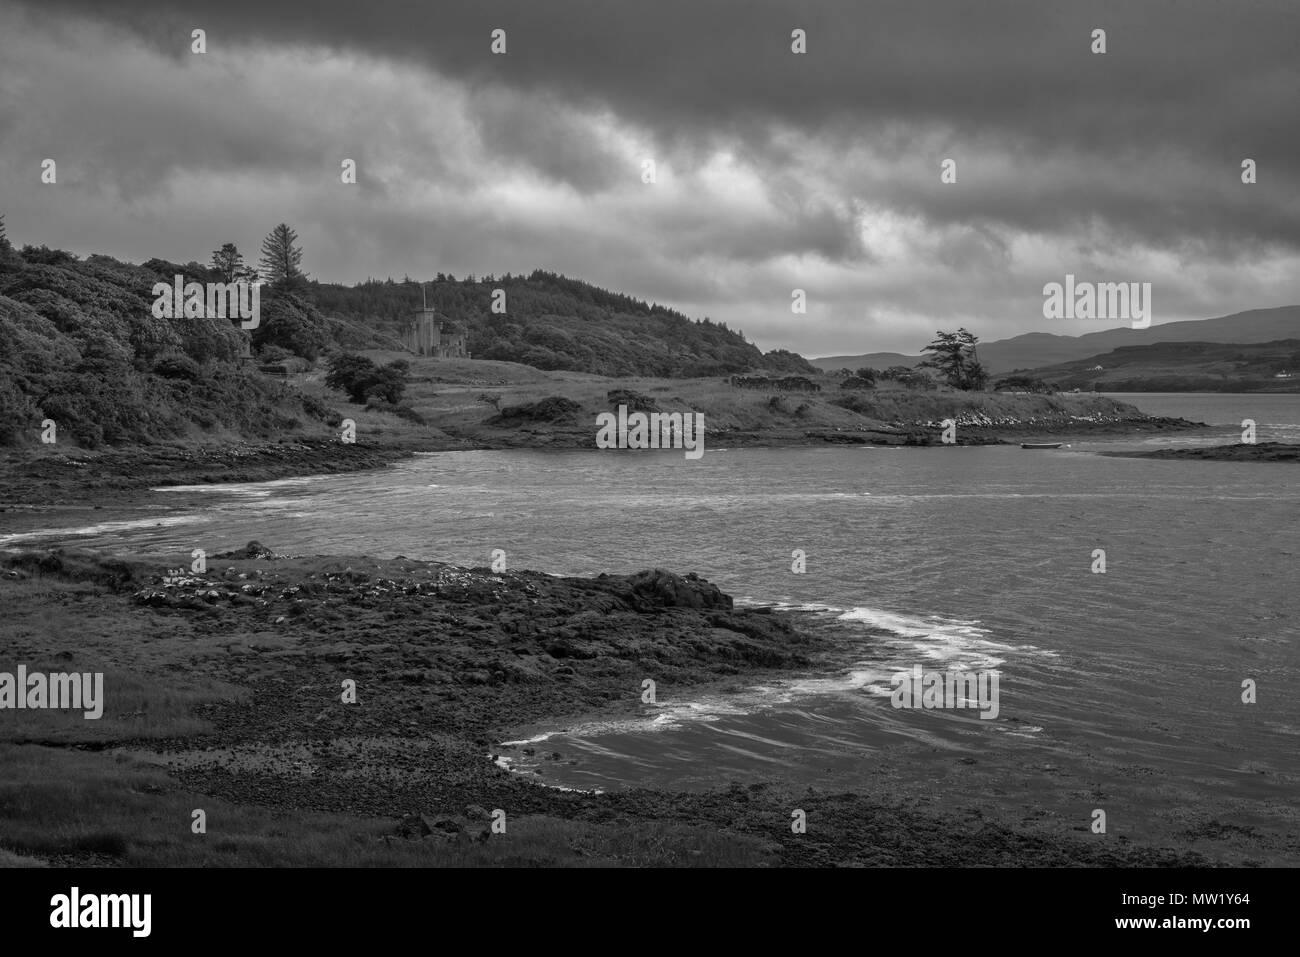 Europe, United Kingdom, Scotland, Isle of Skye, Hebrides, Glendale, Dunvegan Castle - Stock Image